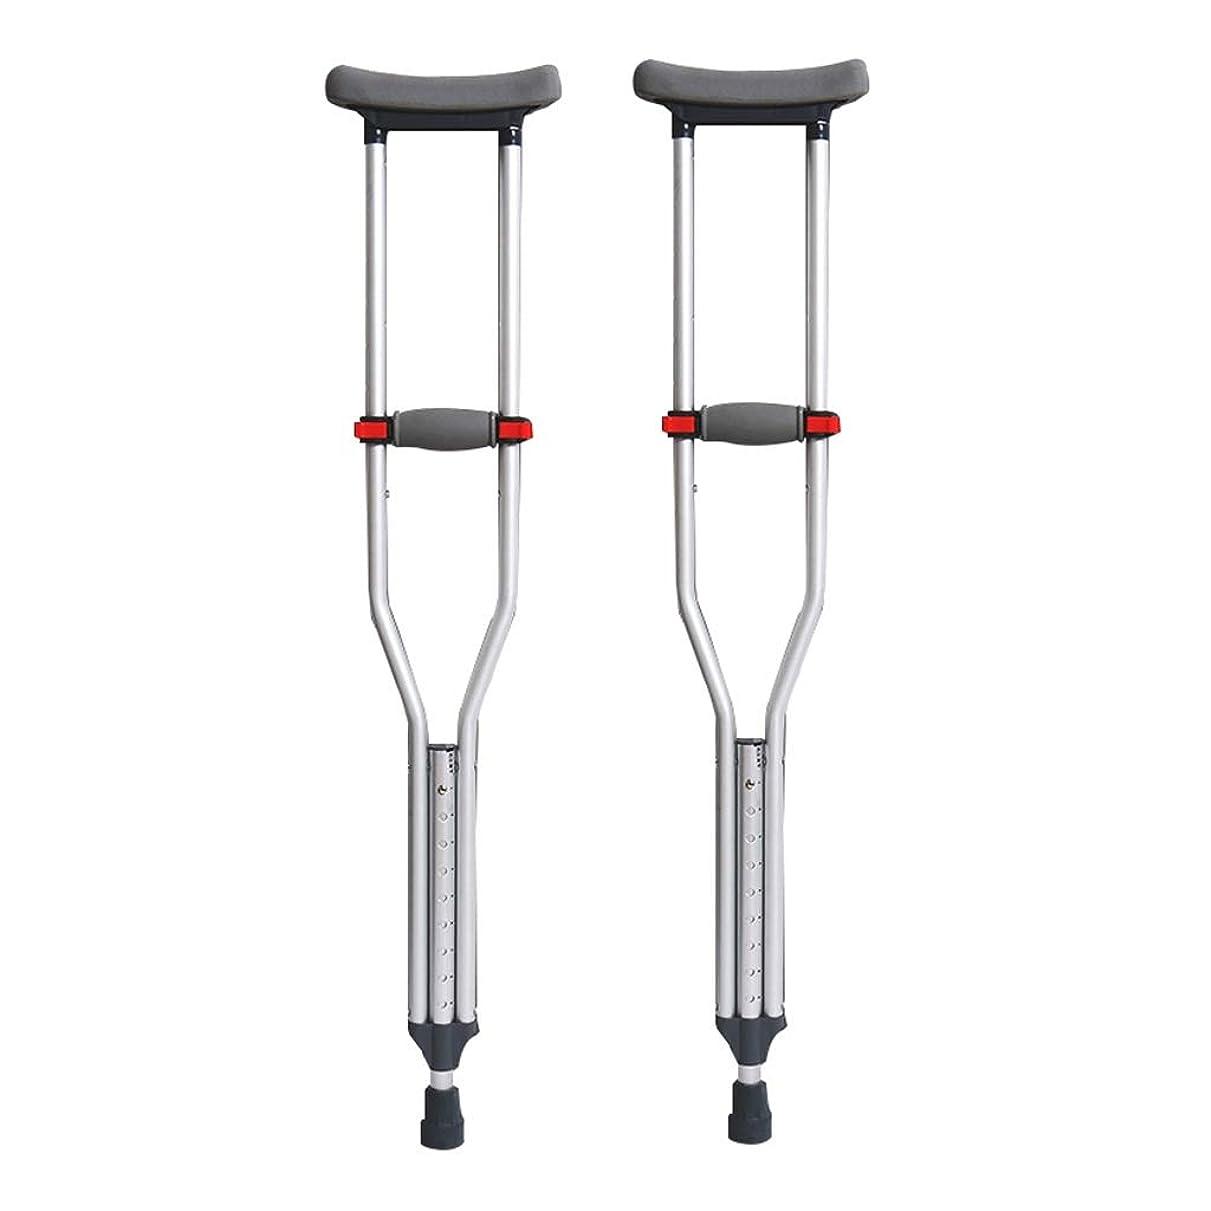 政治オペラ余計な手すり 松葉杖苦痛老人ひざまずく松葉杖高さ調節可能な骨折松葉杖無効高齢者松葉杖スリップ 手すり (Color : Silver, Size : 100-150*20cm)